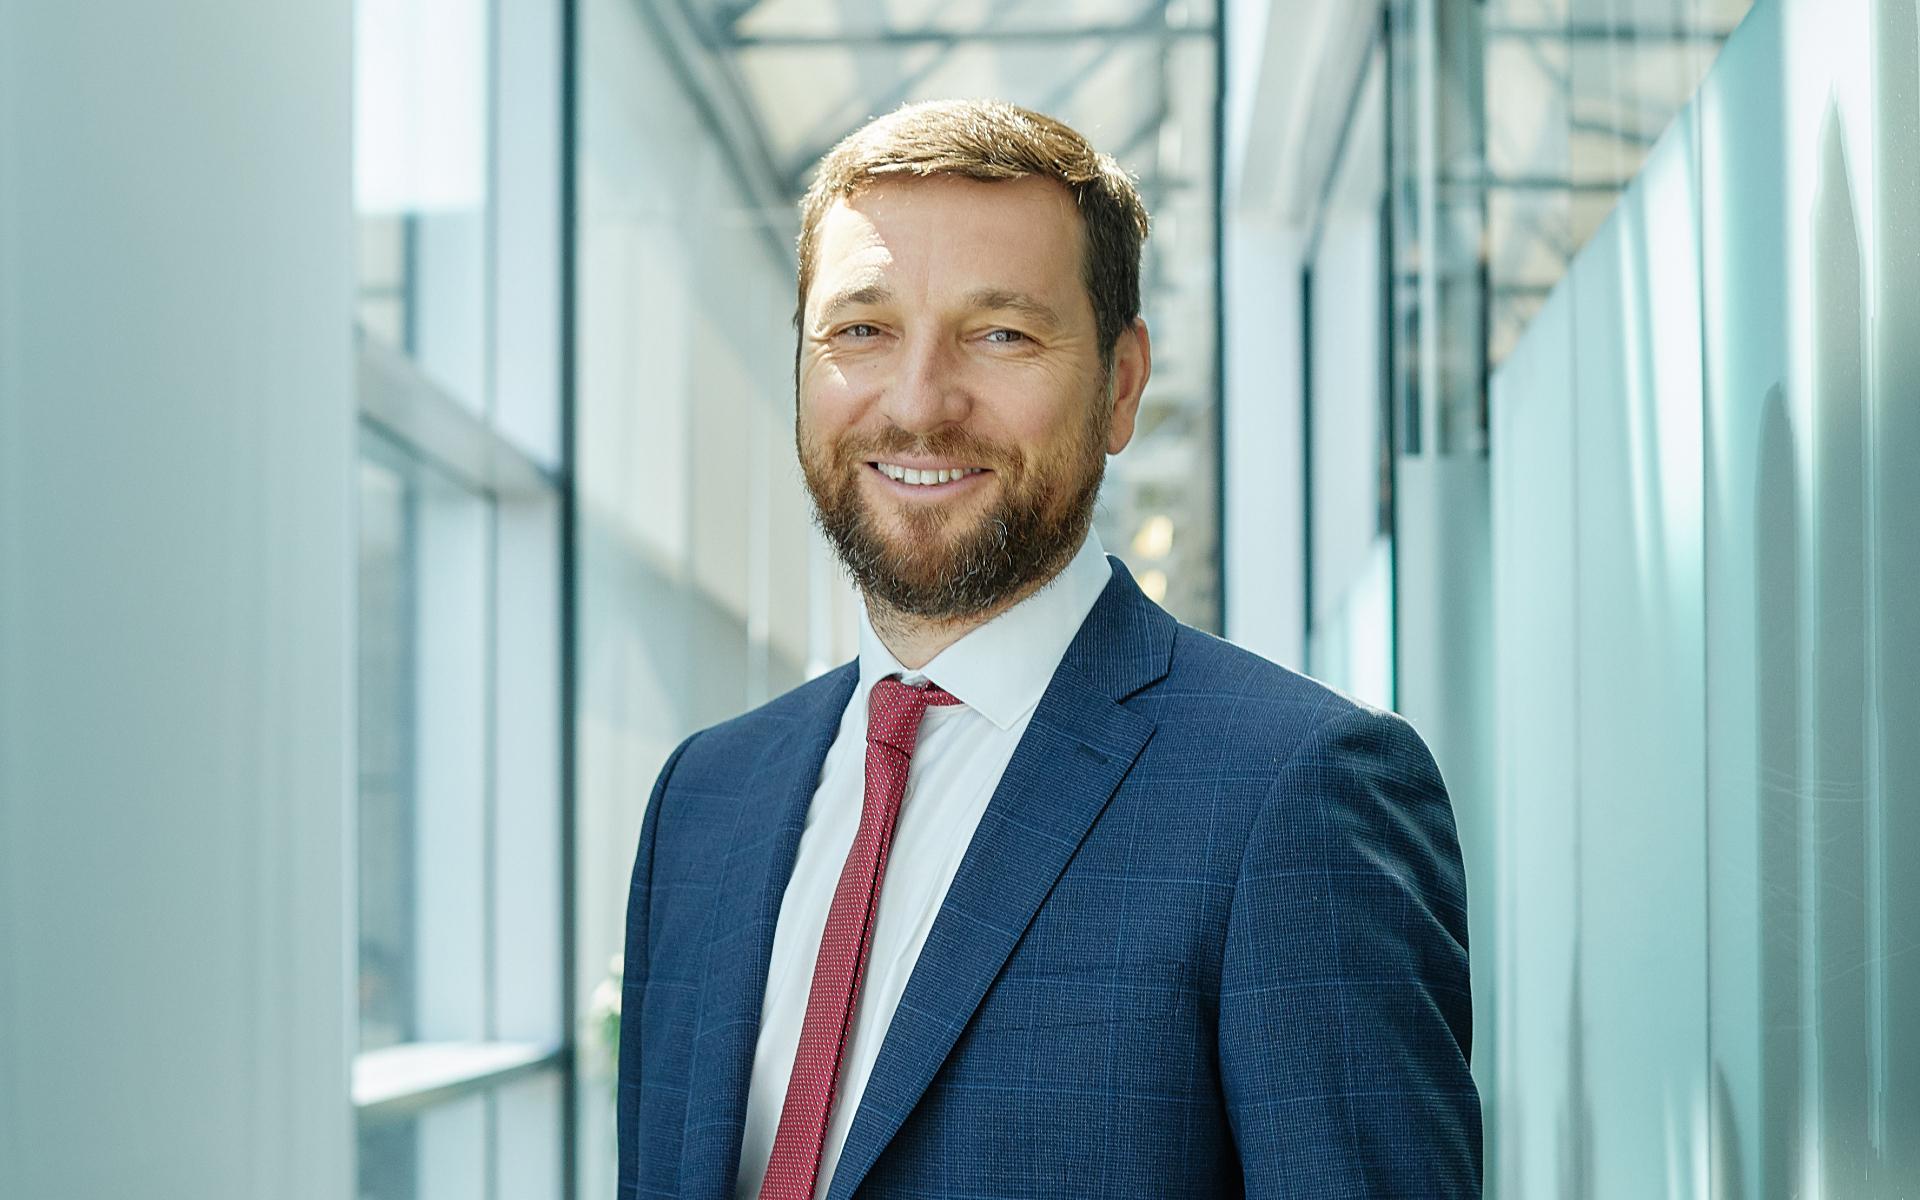 Алексей Ефимов, член совета директоров и глава департамента офисной недвижимости JLL